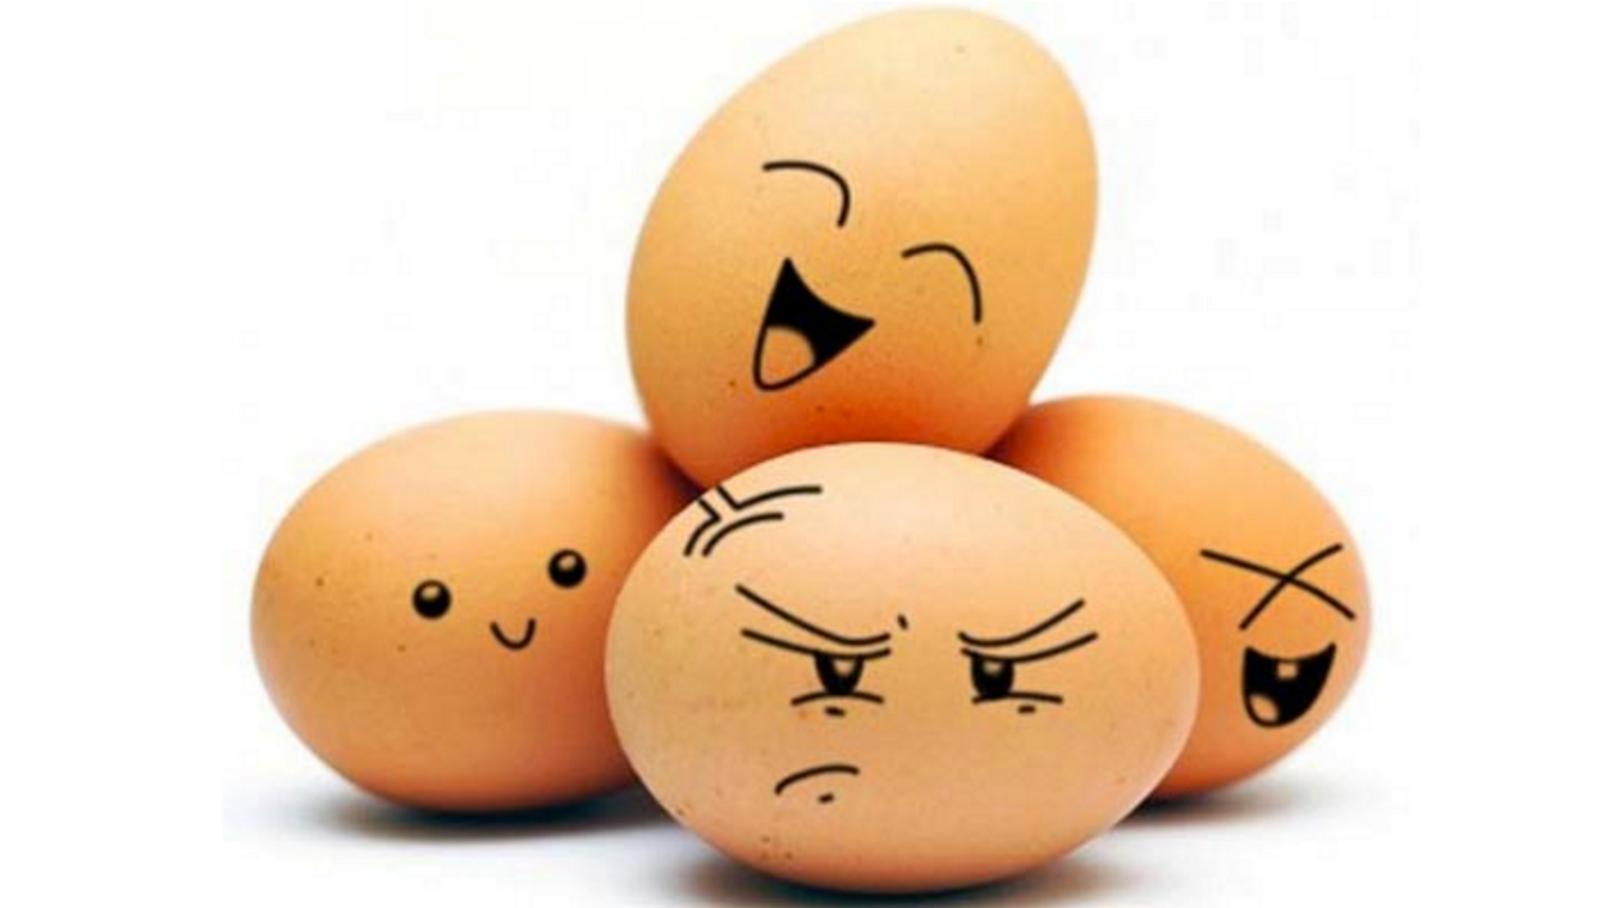 ВБельгии заявили, что знали оядовитых яйцах ещё виюне